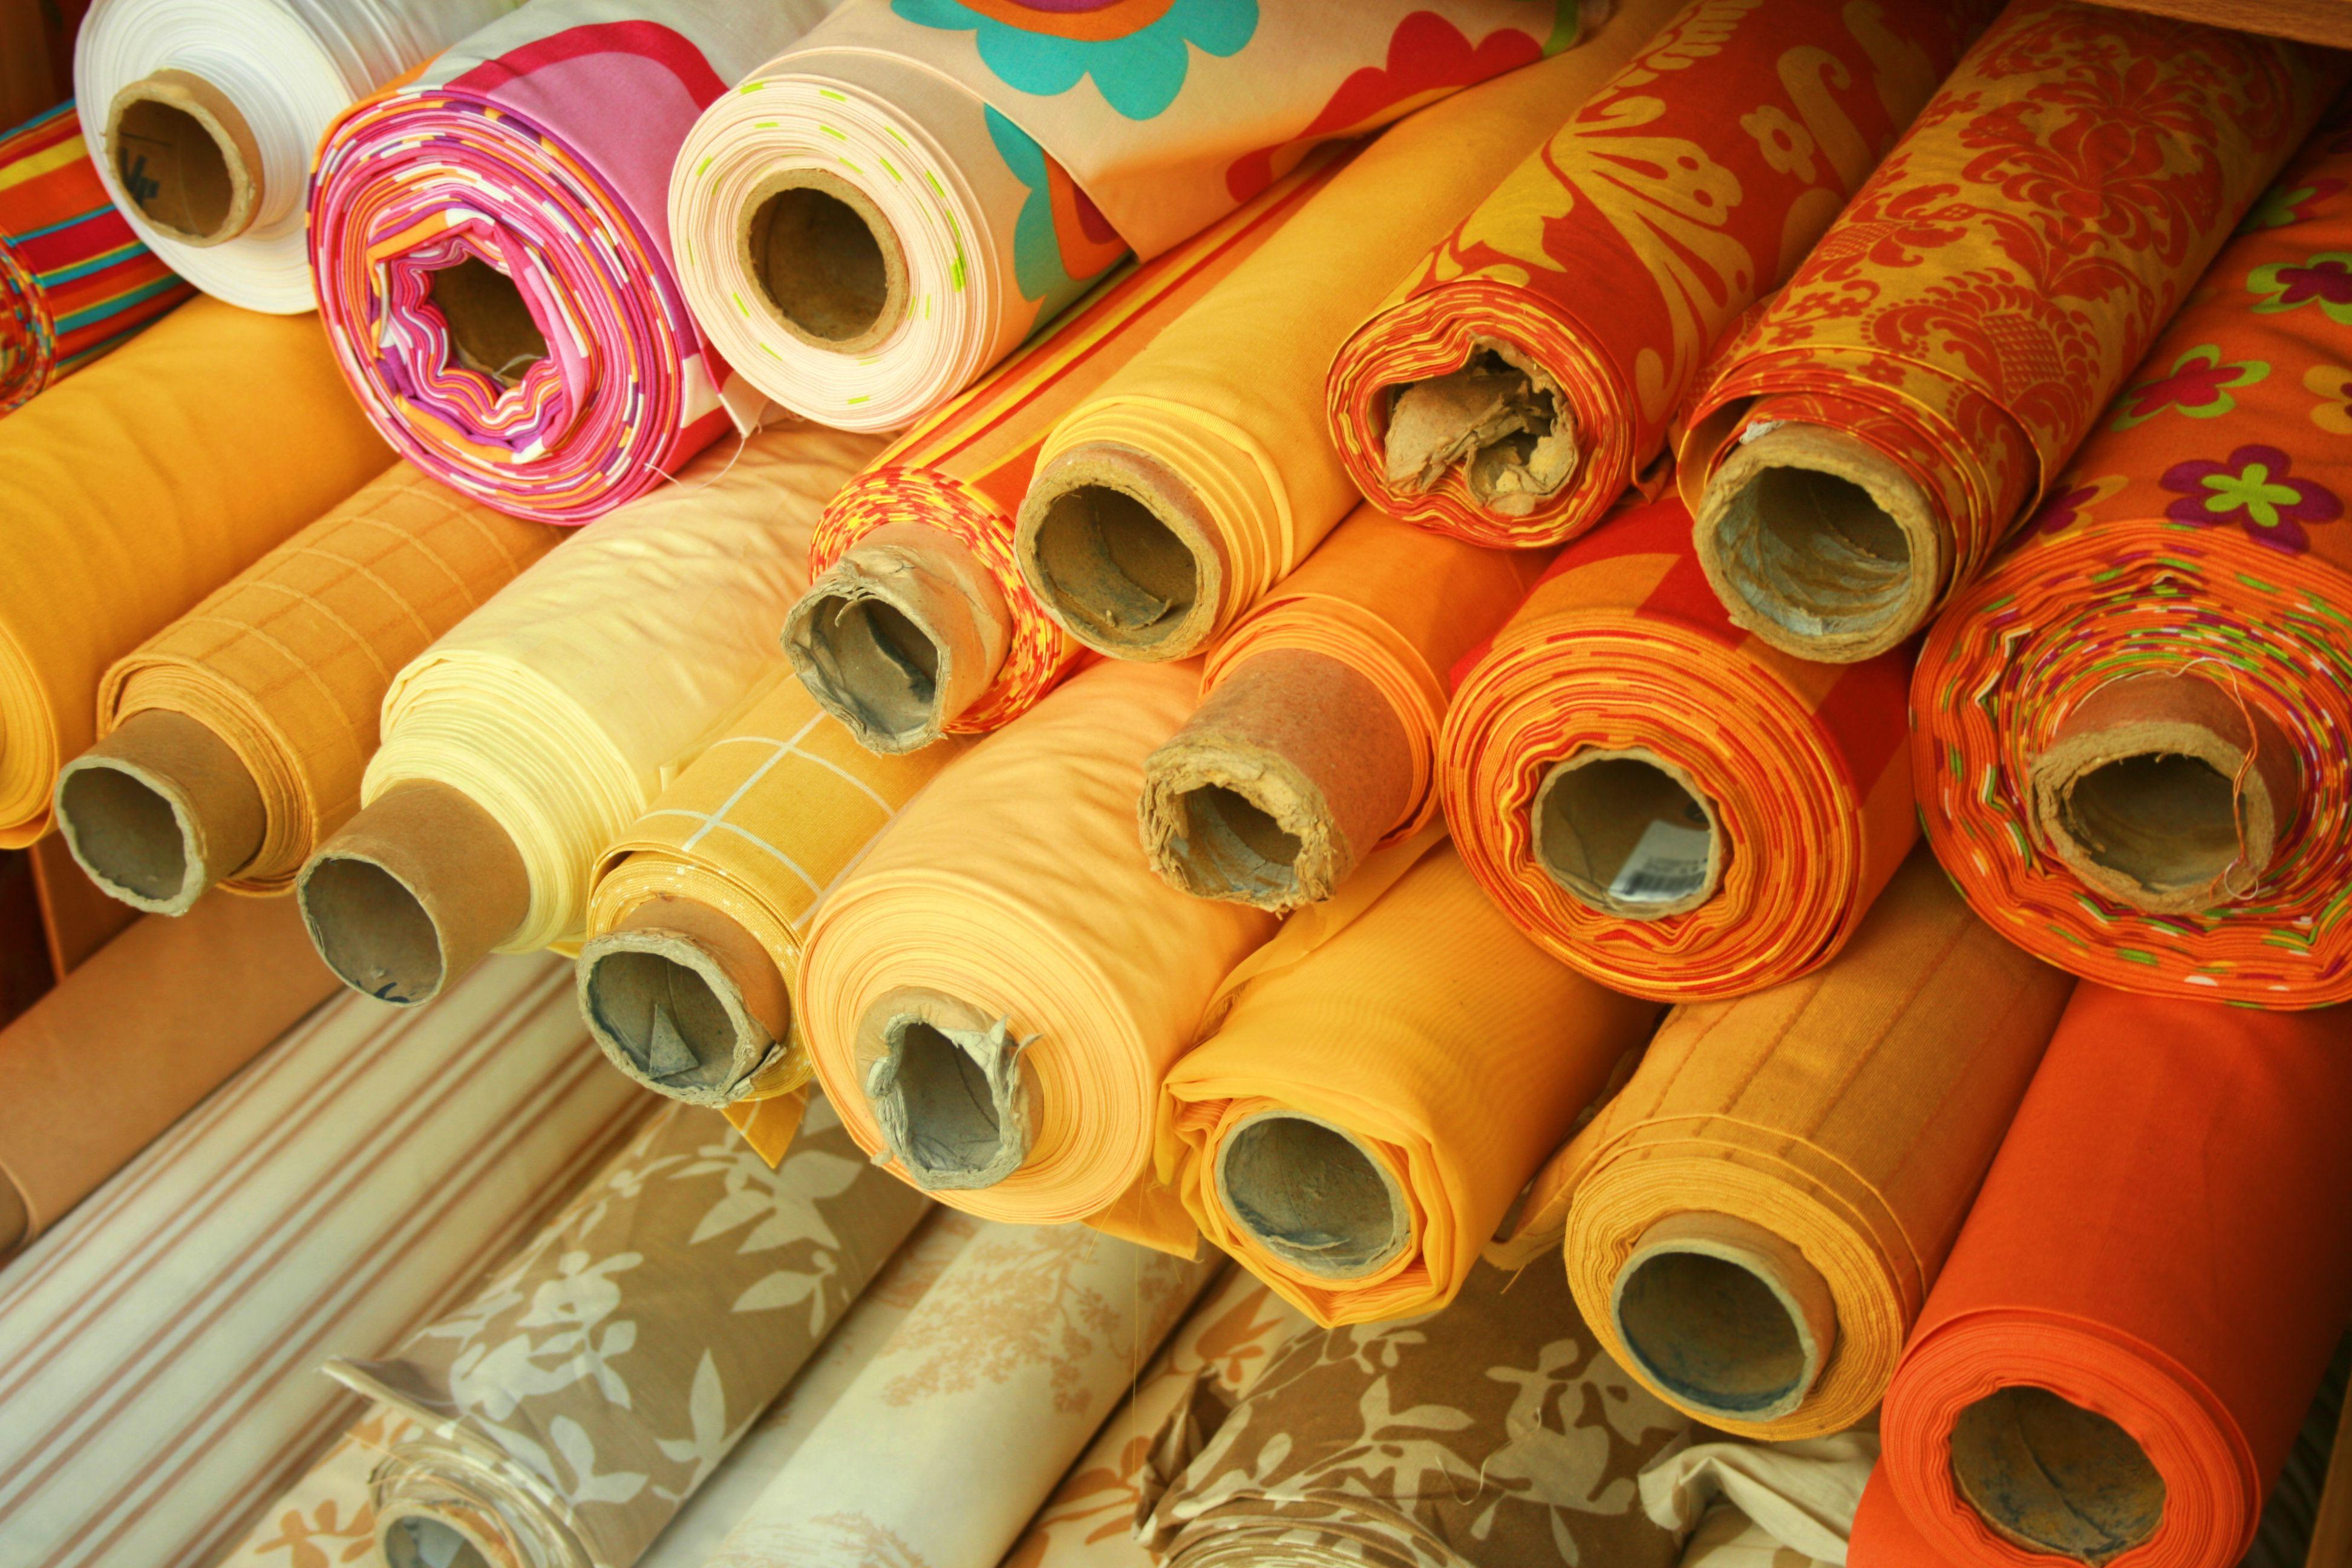 Distribuidor de textiles Coruña